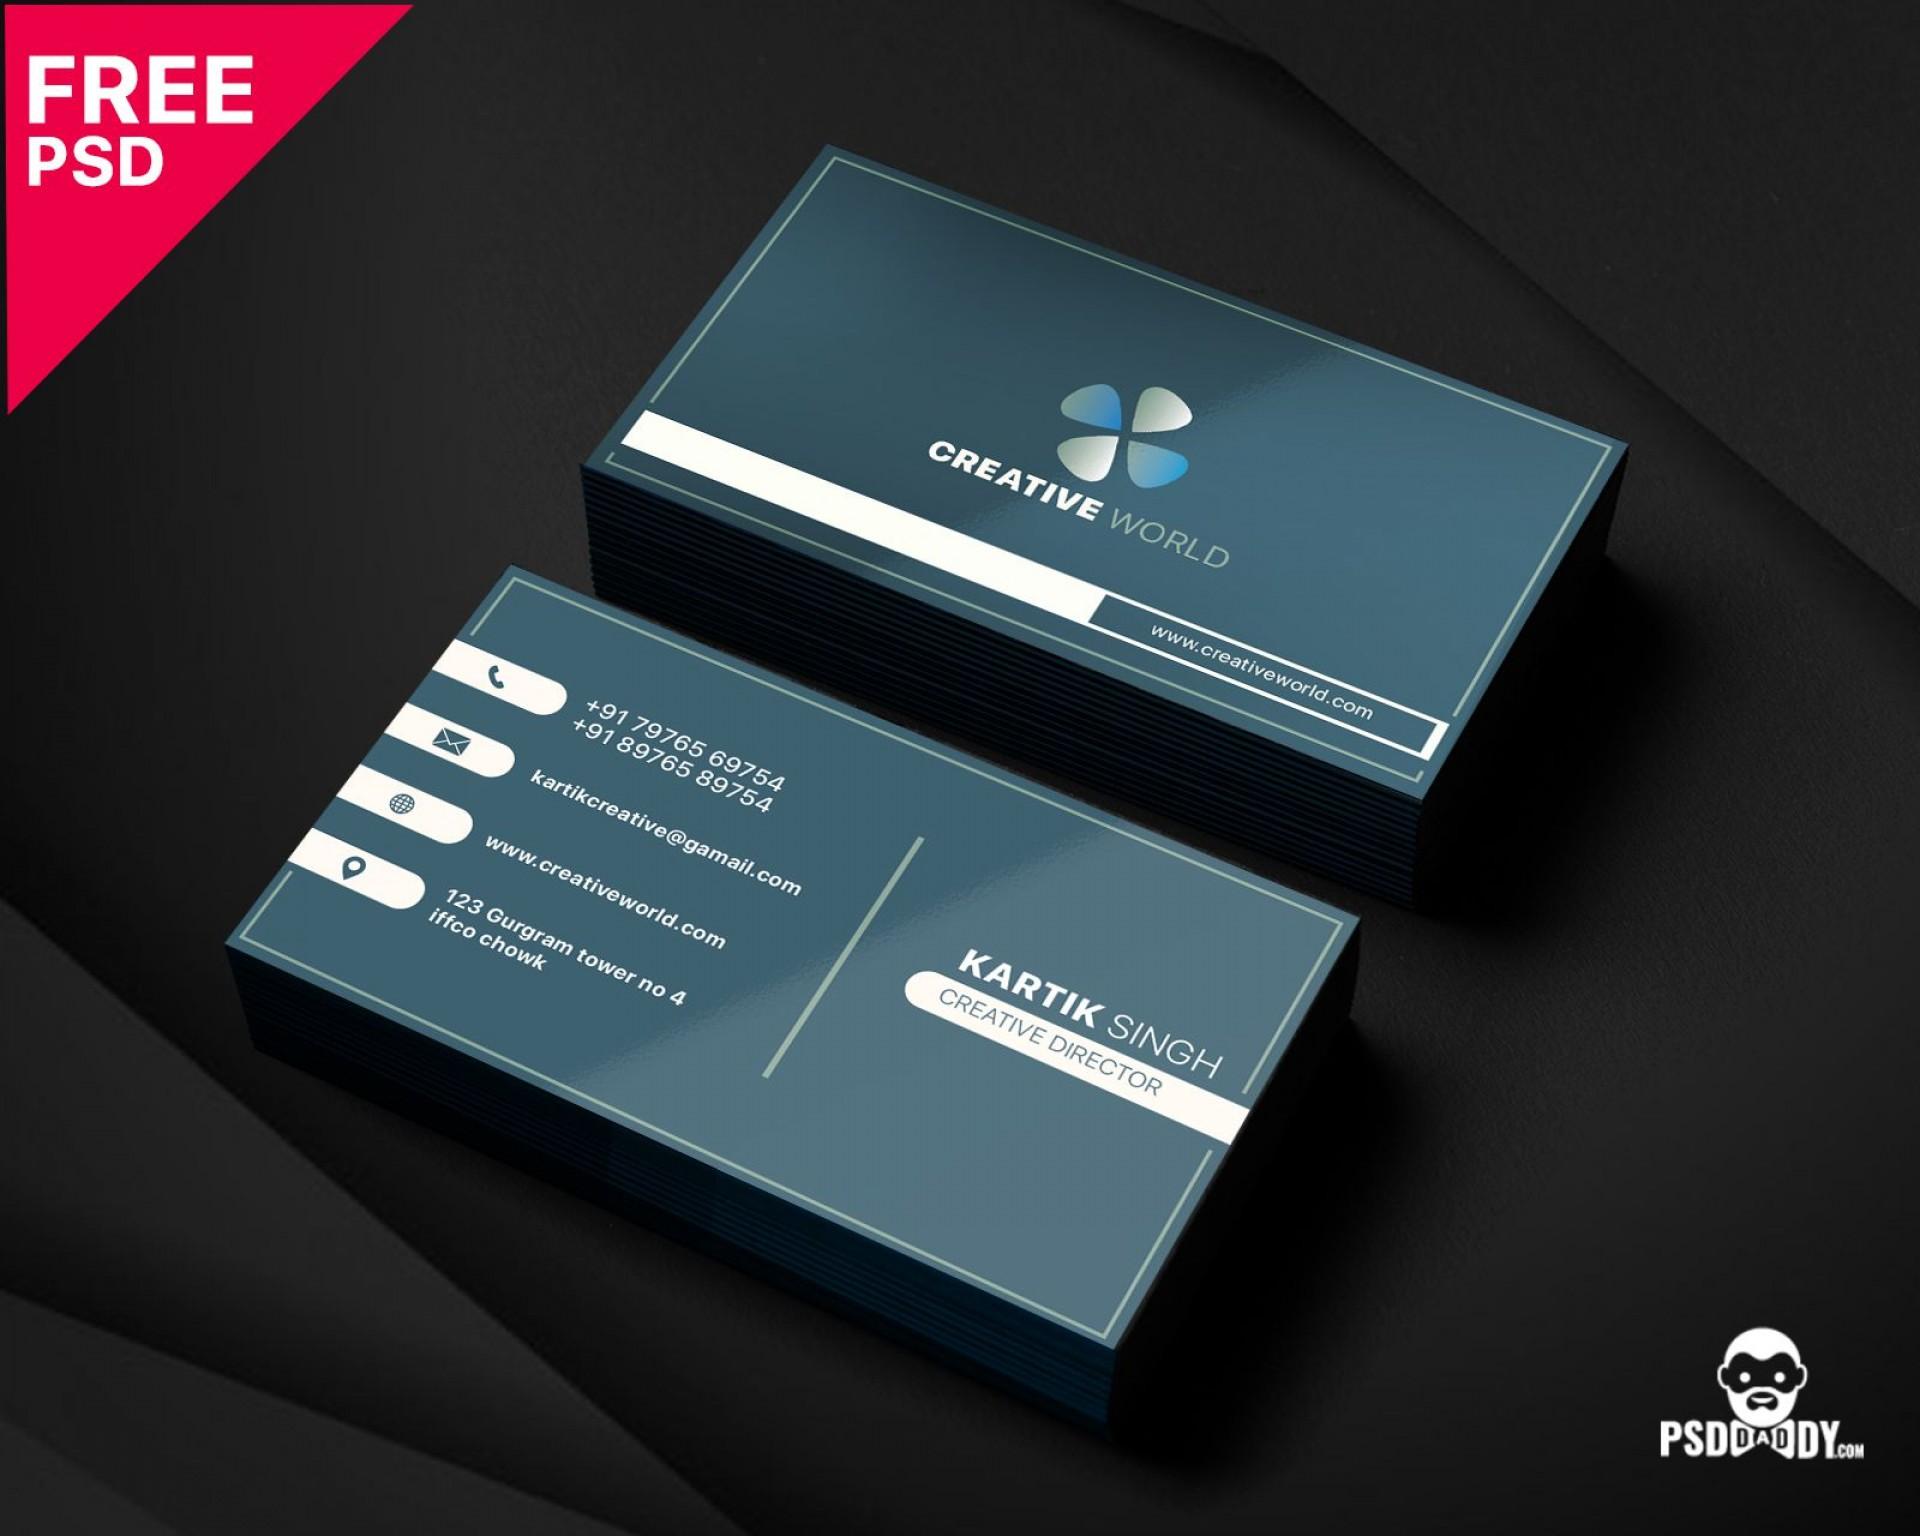 005 Unbelievable Simple Busines Card Template Psd Idea  Design In Photoshop Minimalist Free1920